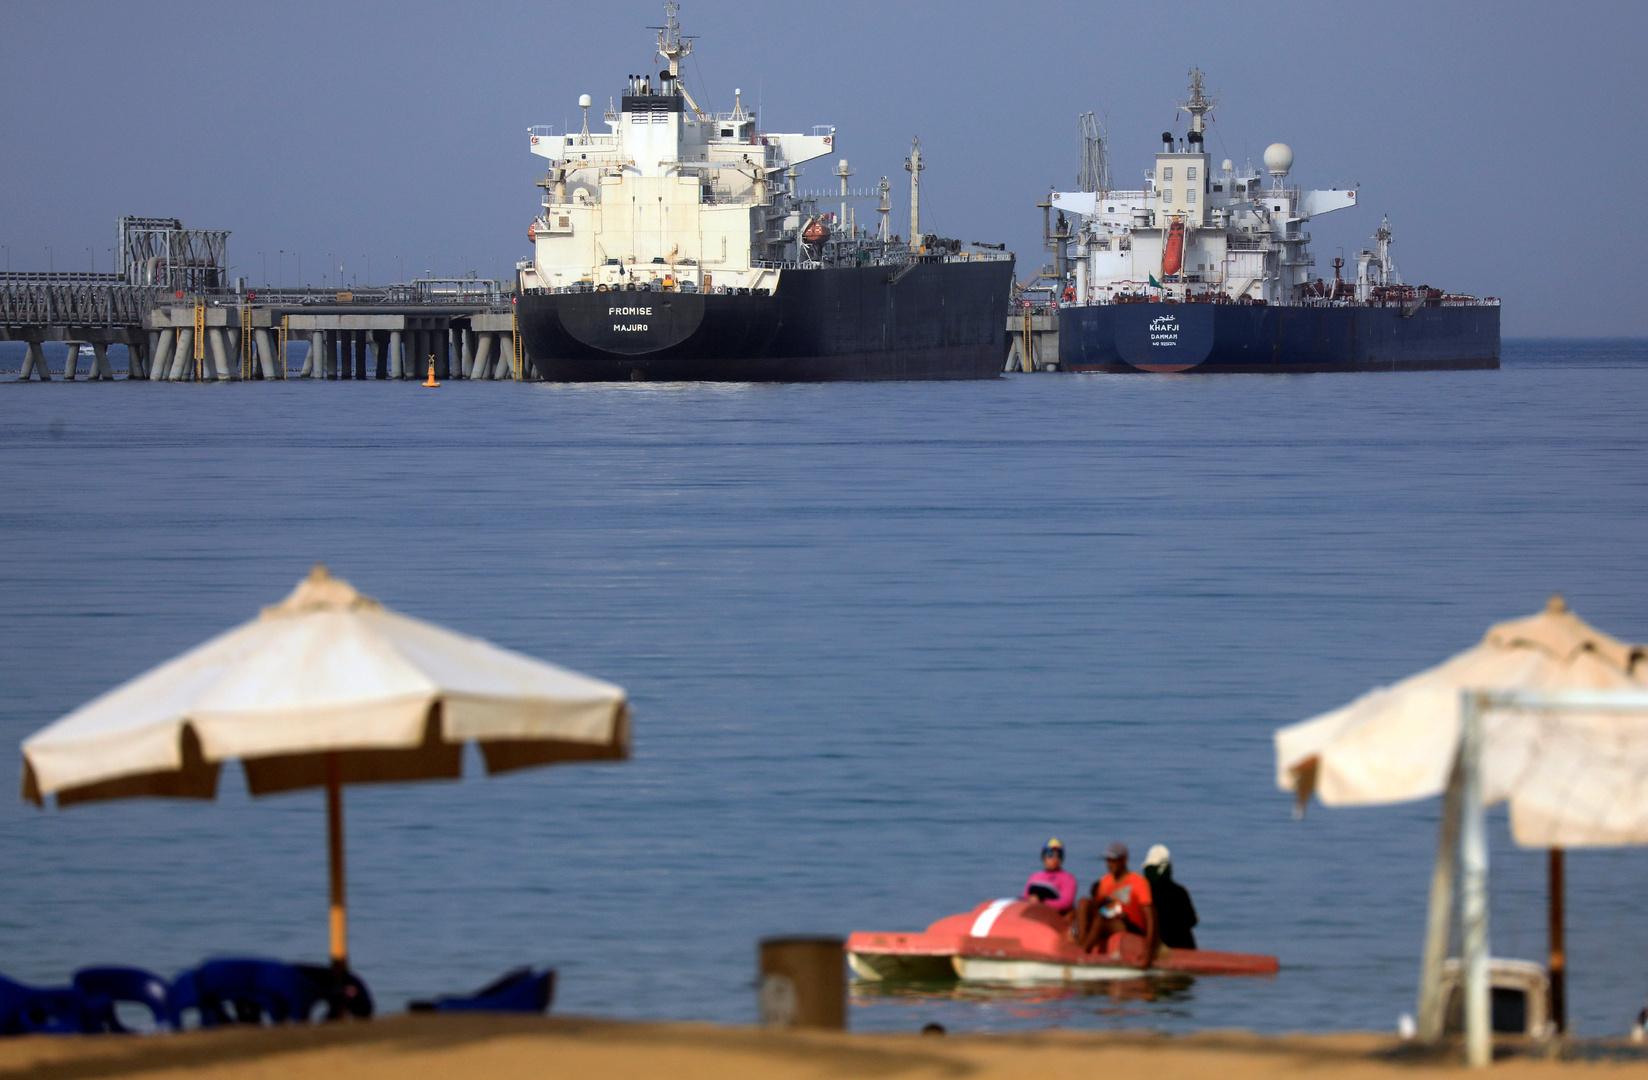 هيئة قناة السويس تعلن تخفيضات عالية لرسوم مرور السفن السياحية